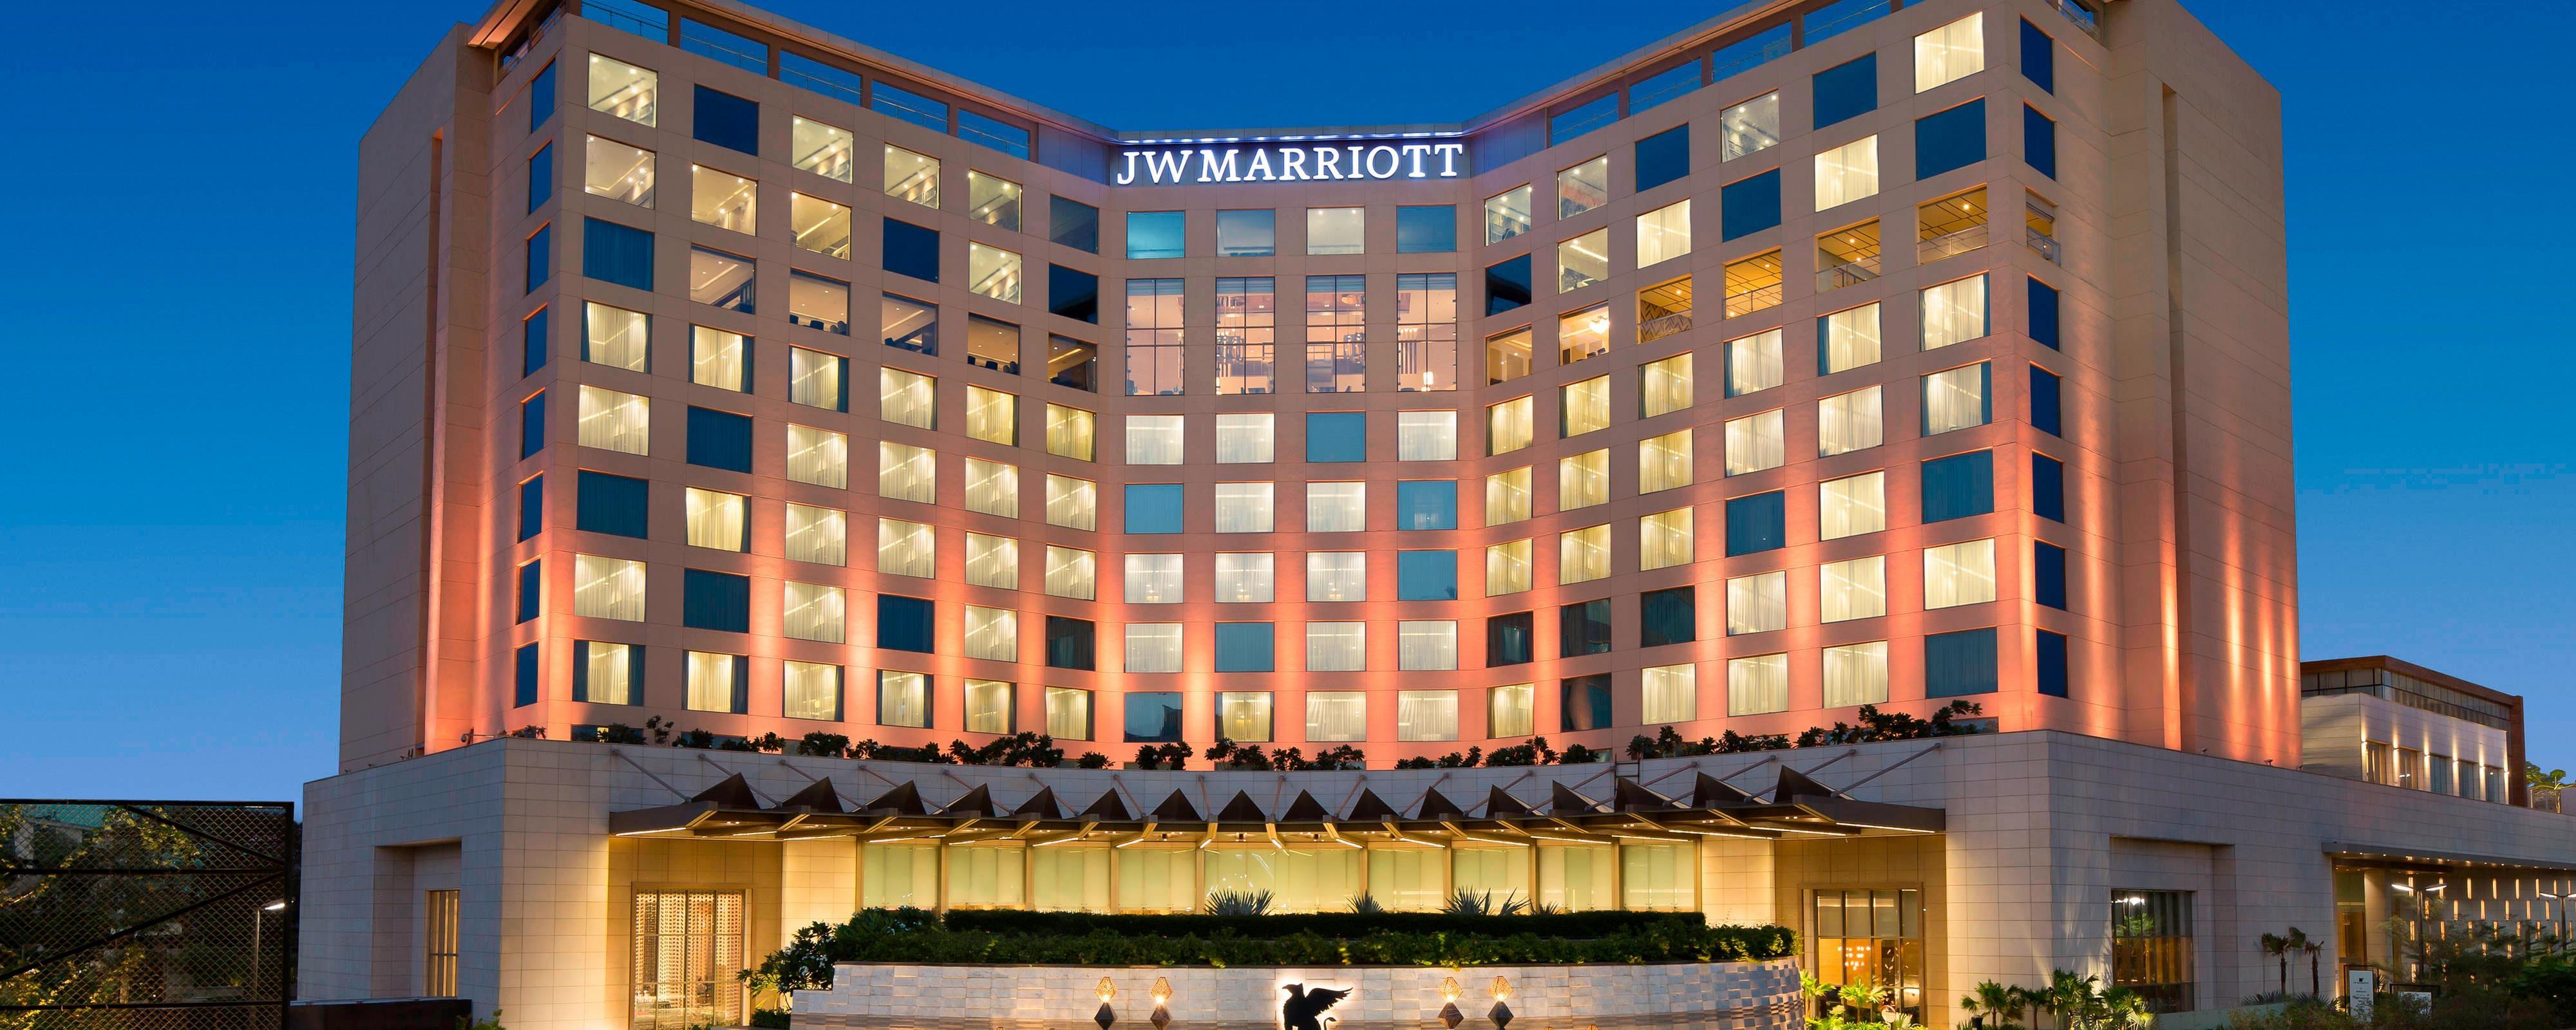 Andheri Mumbai Airport Hotel Accommodations JW Marriott